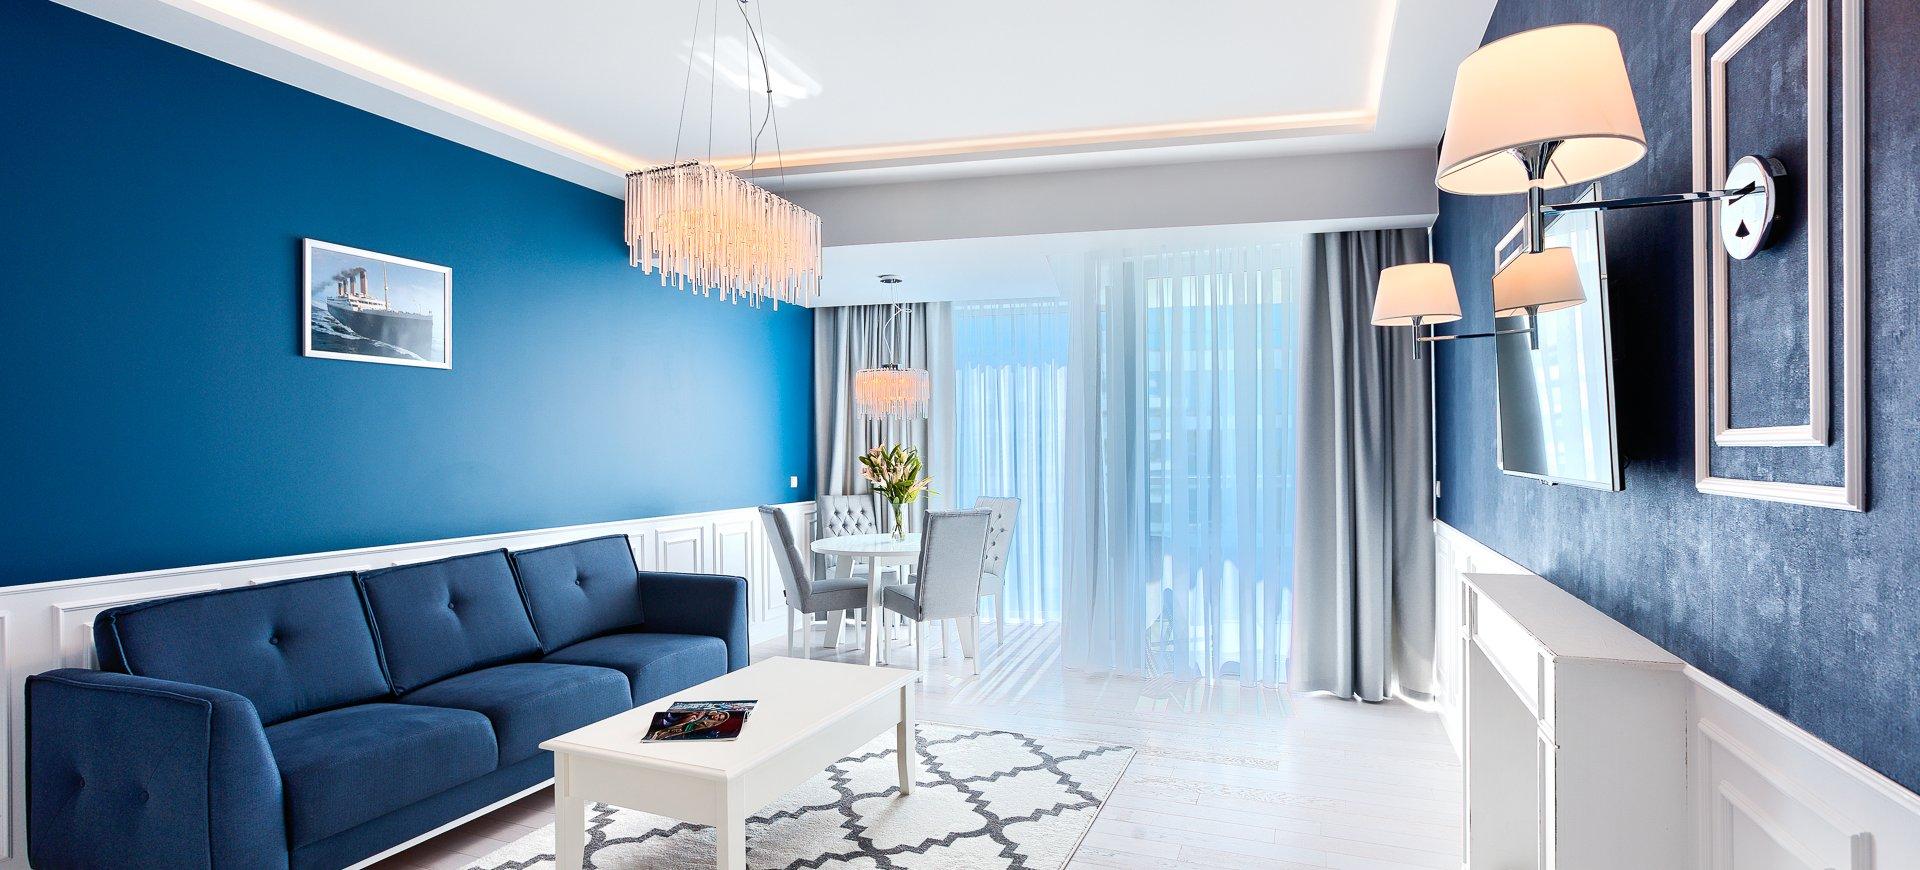 Apartament GRAND z 1 sypialnią 3.15 B z bocznym widokiem na morze